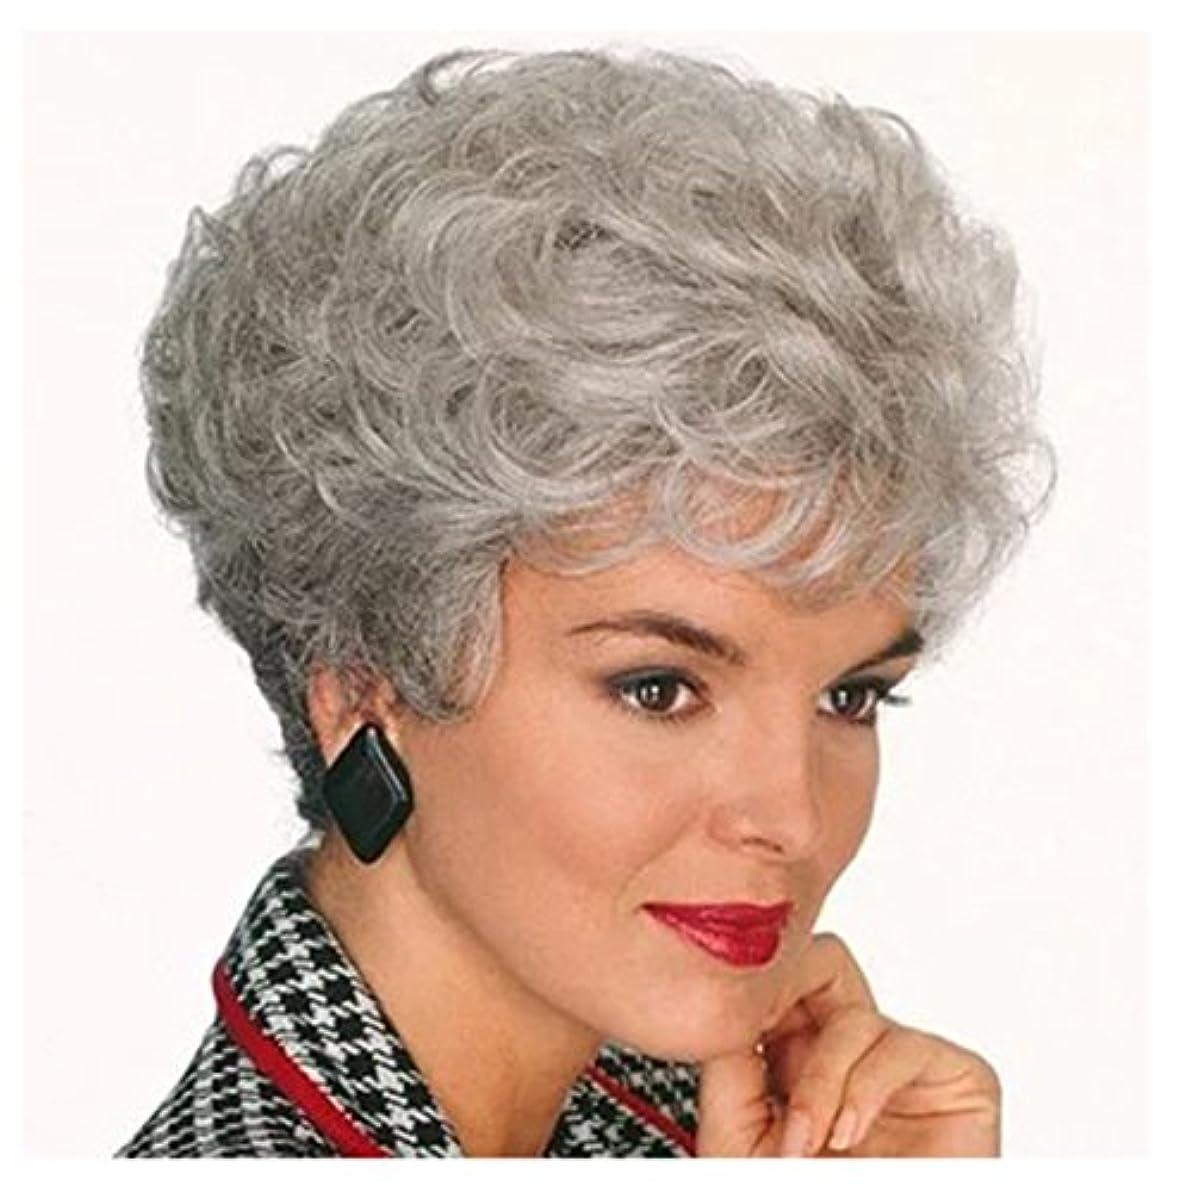 涙が出るベッドを作る使い込むYOUQIU コスプレ中年と古い人々のために150グラムフラッツ前髪ウィッグで女性や男性の髪ふわふわナチュラルウィッグ用ショート全頭ウィッグ(黒/ダークブラウン/ライトブラウン/グレー)ウィッグ (色 : グレー)